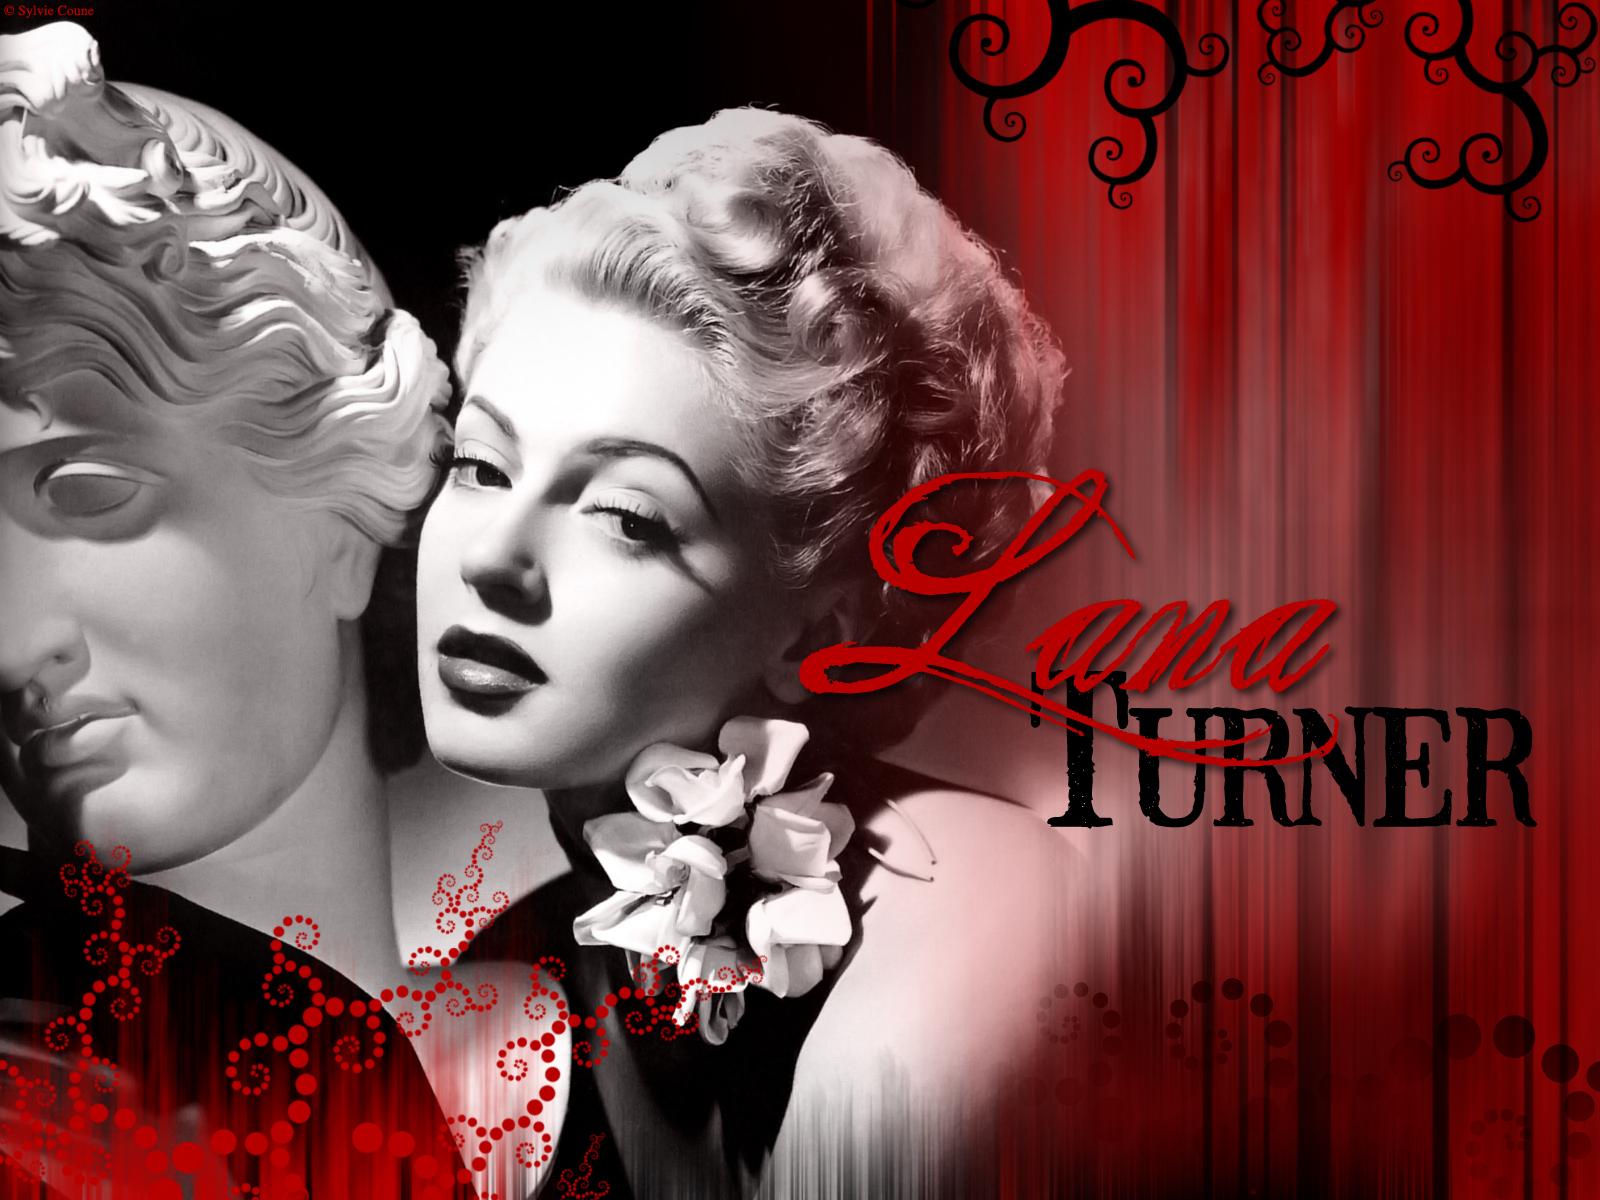 Lana Turner   Classic Movies Wallpaper 9893673 1600x1200